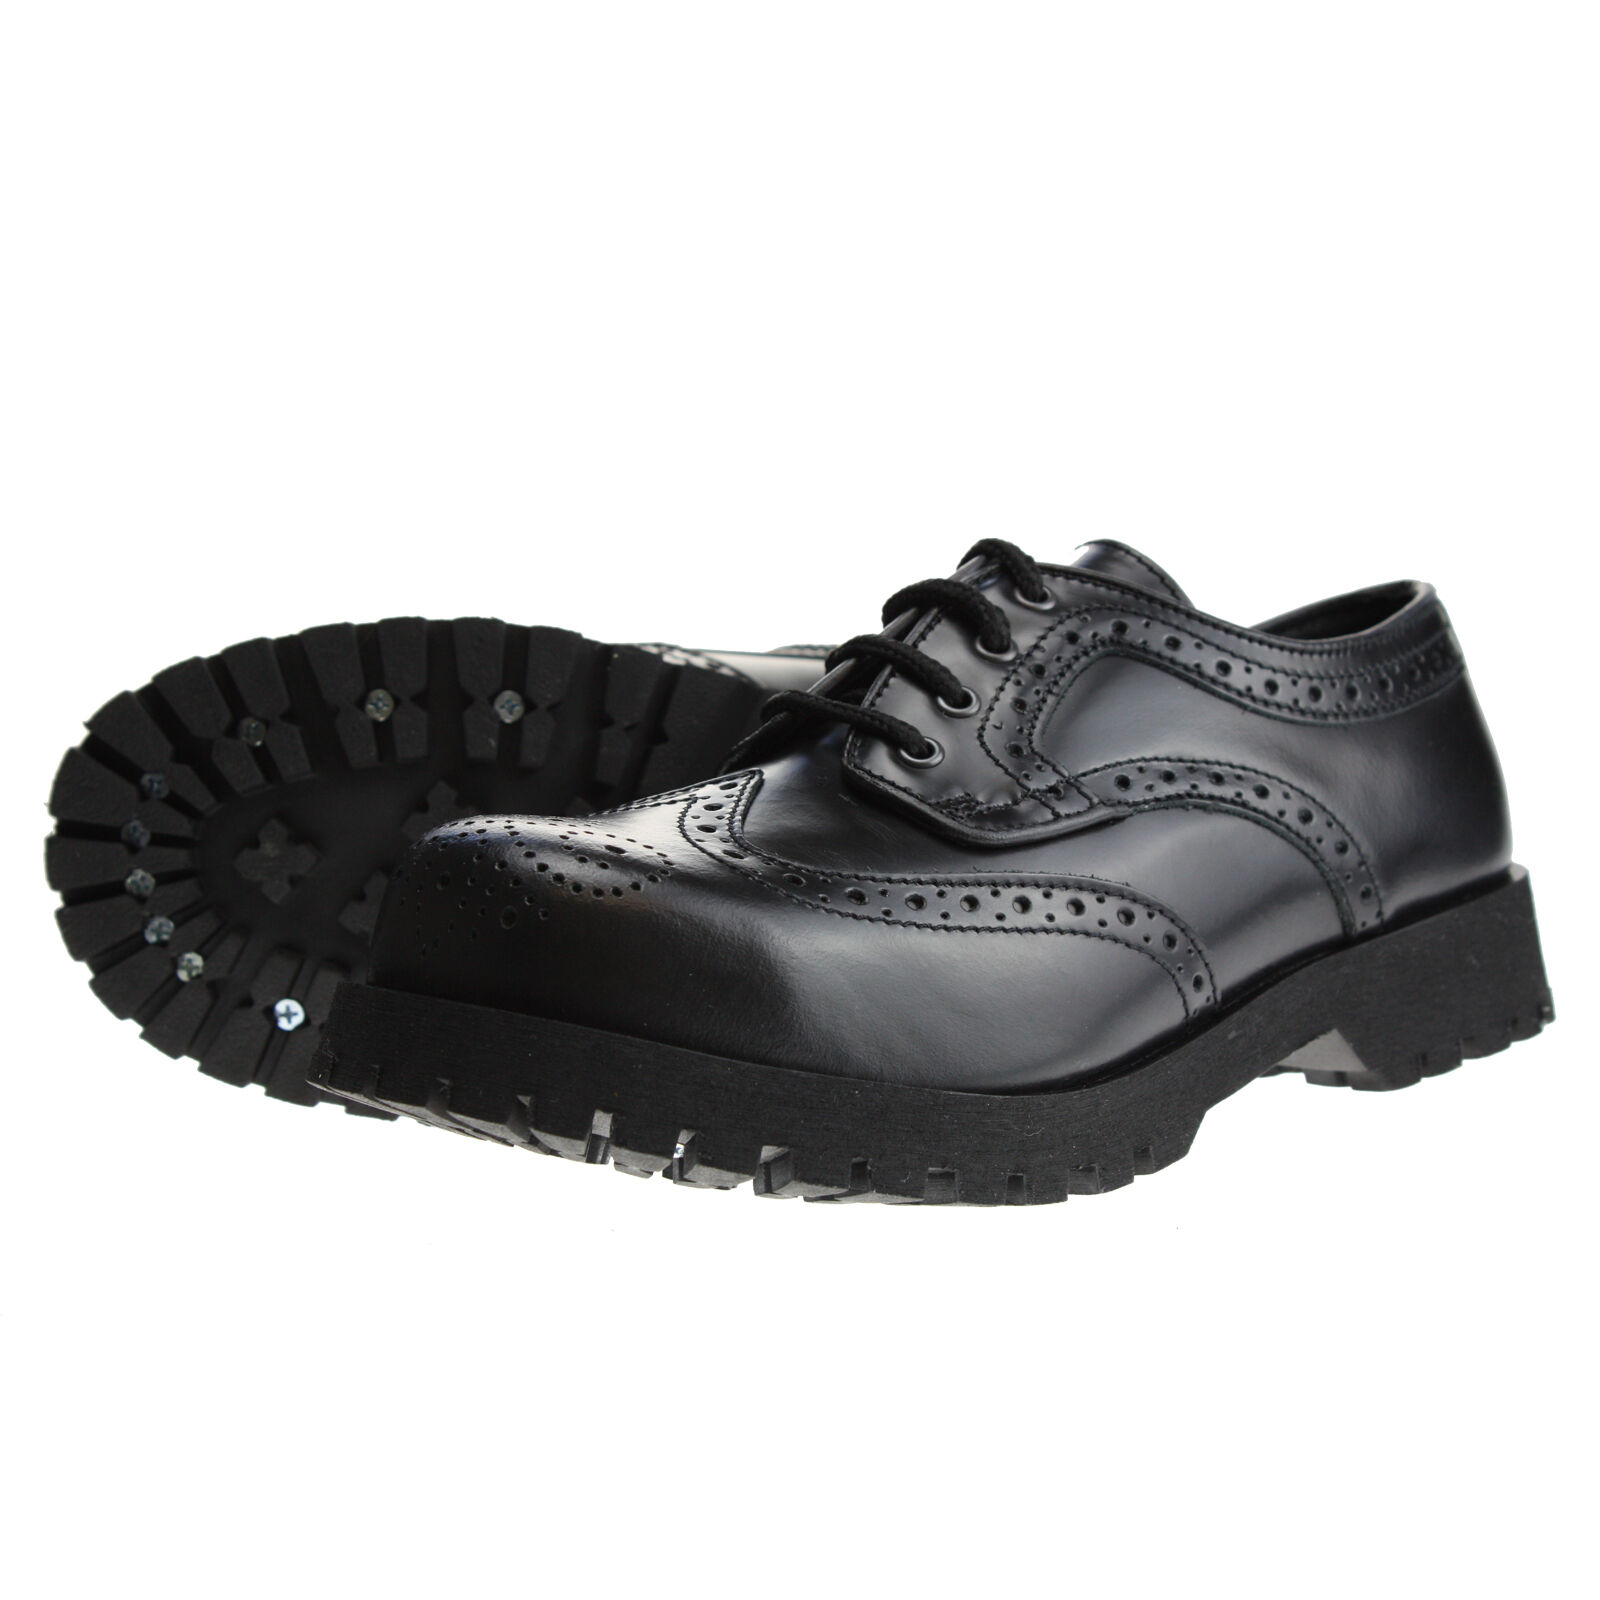 botas y Tirantes 4-agujeros Budapest Budapest Budapest negro Rangers Zapatos Cuero  Centro comercial profesional integrado en línea.